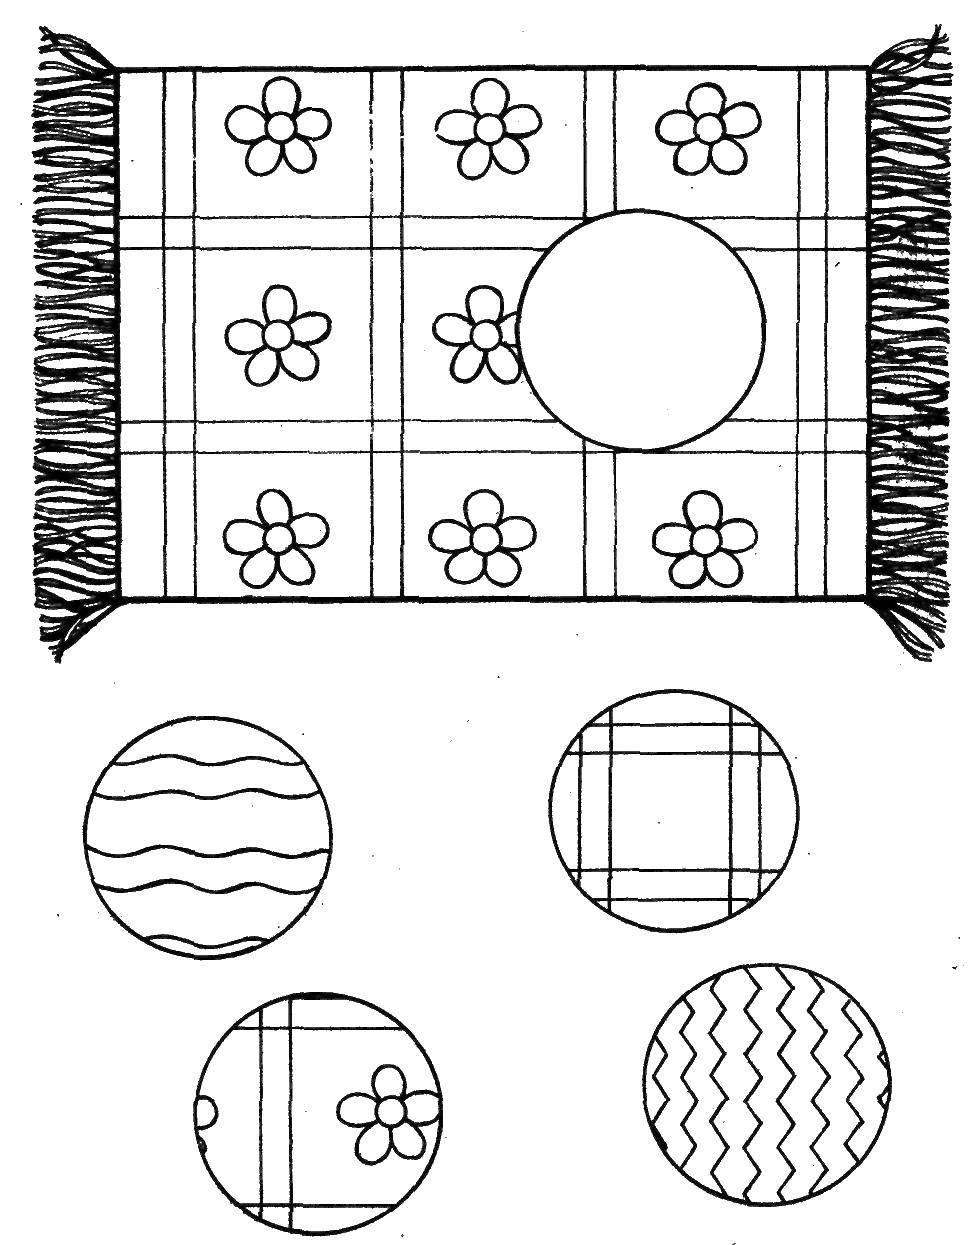 Название: Раскраска Подбери какой кружек вырезали из ковра. Категория: найди предметы. Теги: ковер, логика.